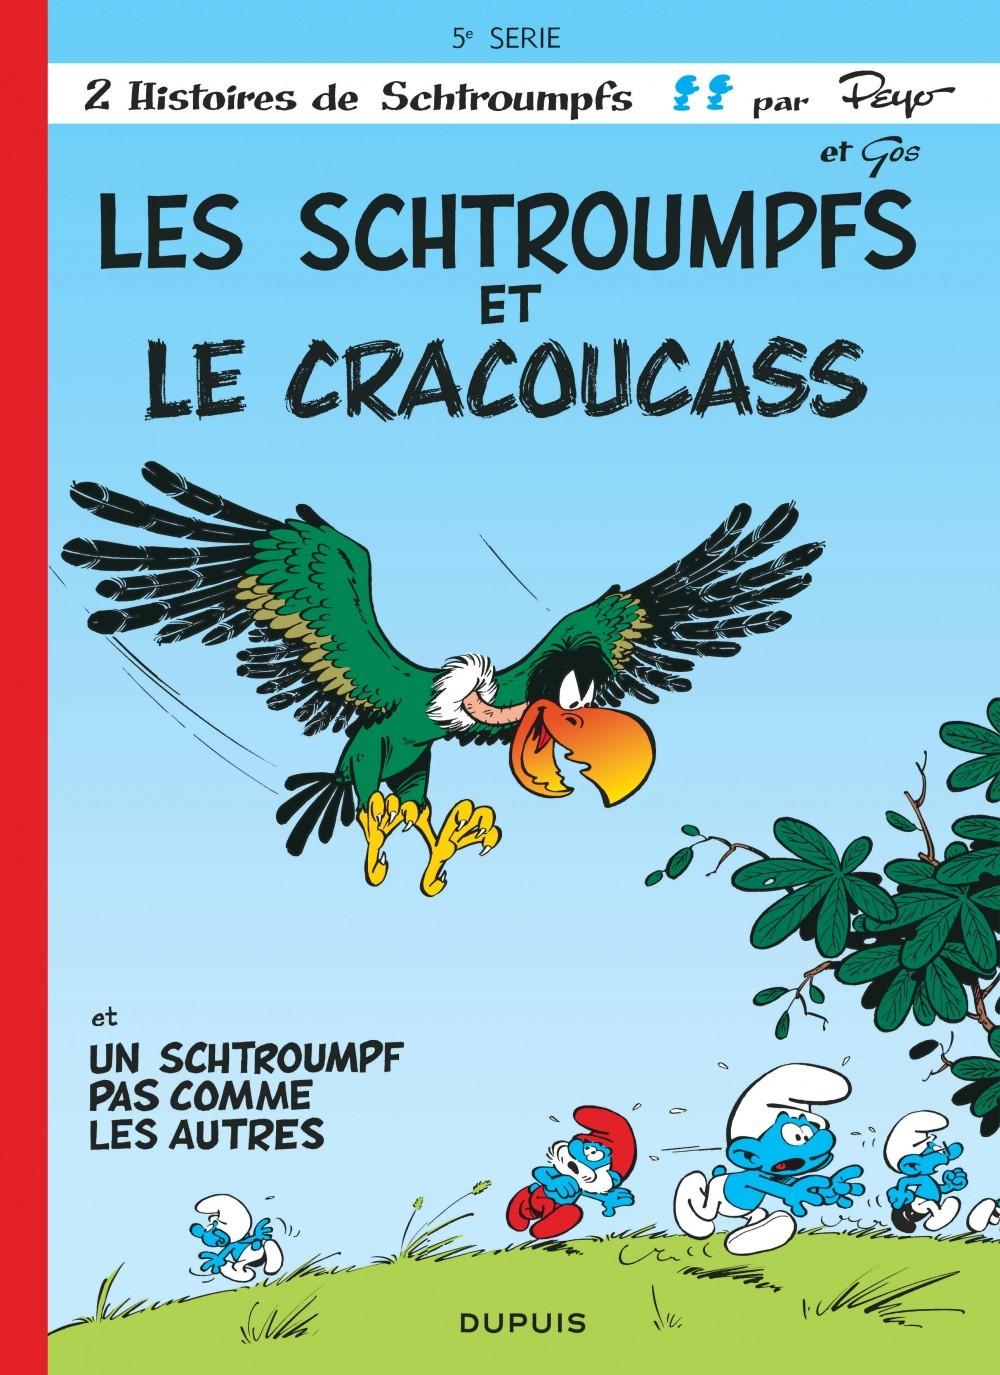 SCHTROUMPFS (DUPUIS) - T5 - SCHTROUMPFS ET LE CRACOUCASS (LES)